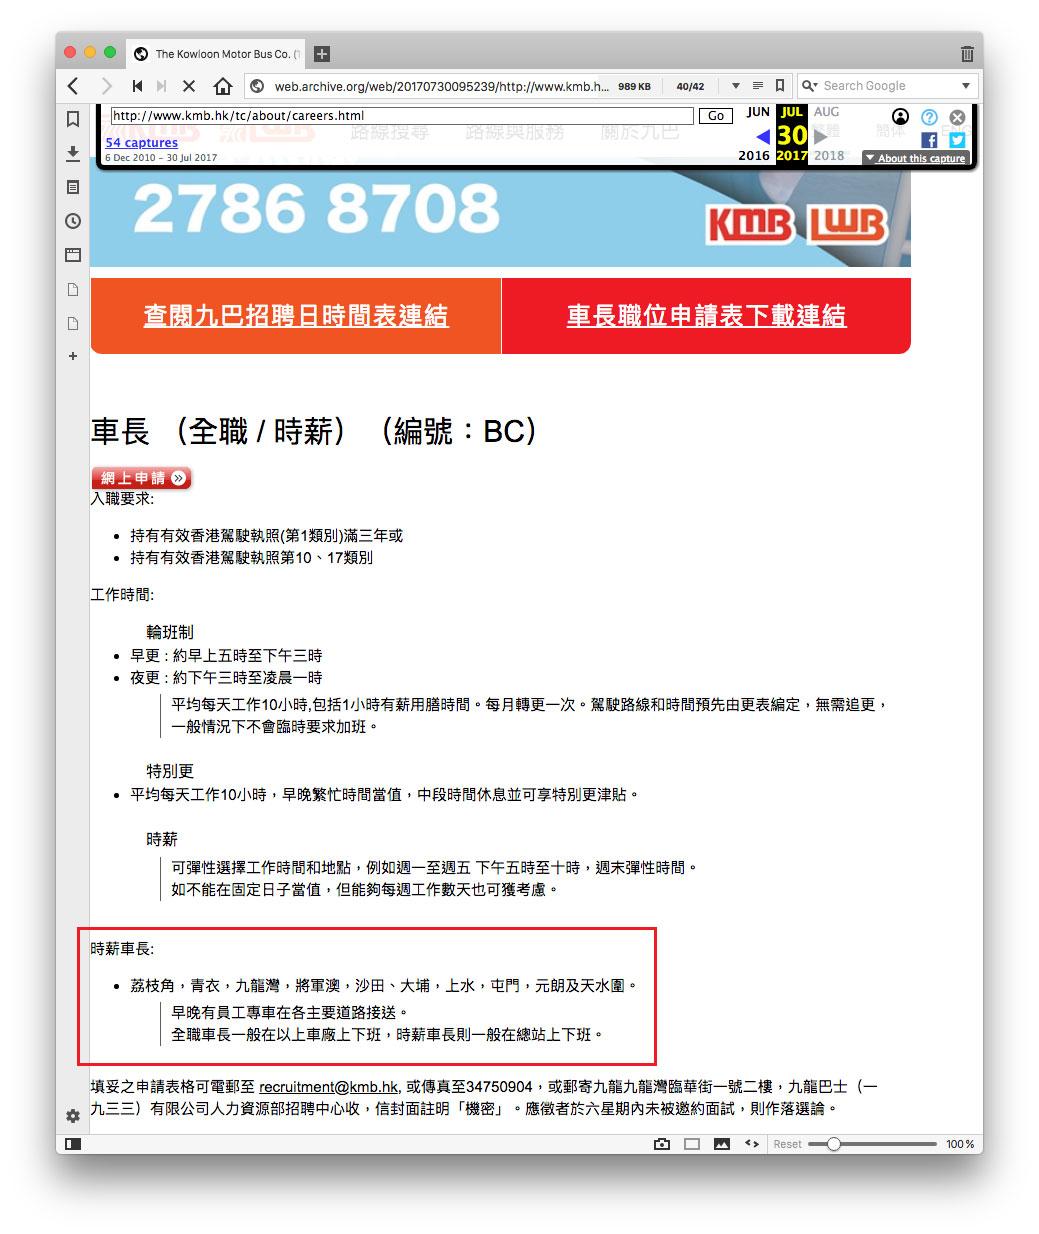 九巴「兼職車長」聘請廣告的網頁紀錄,擷取於2017年7月30日。(Wayback Machine)